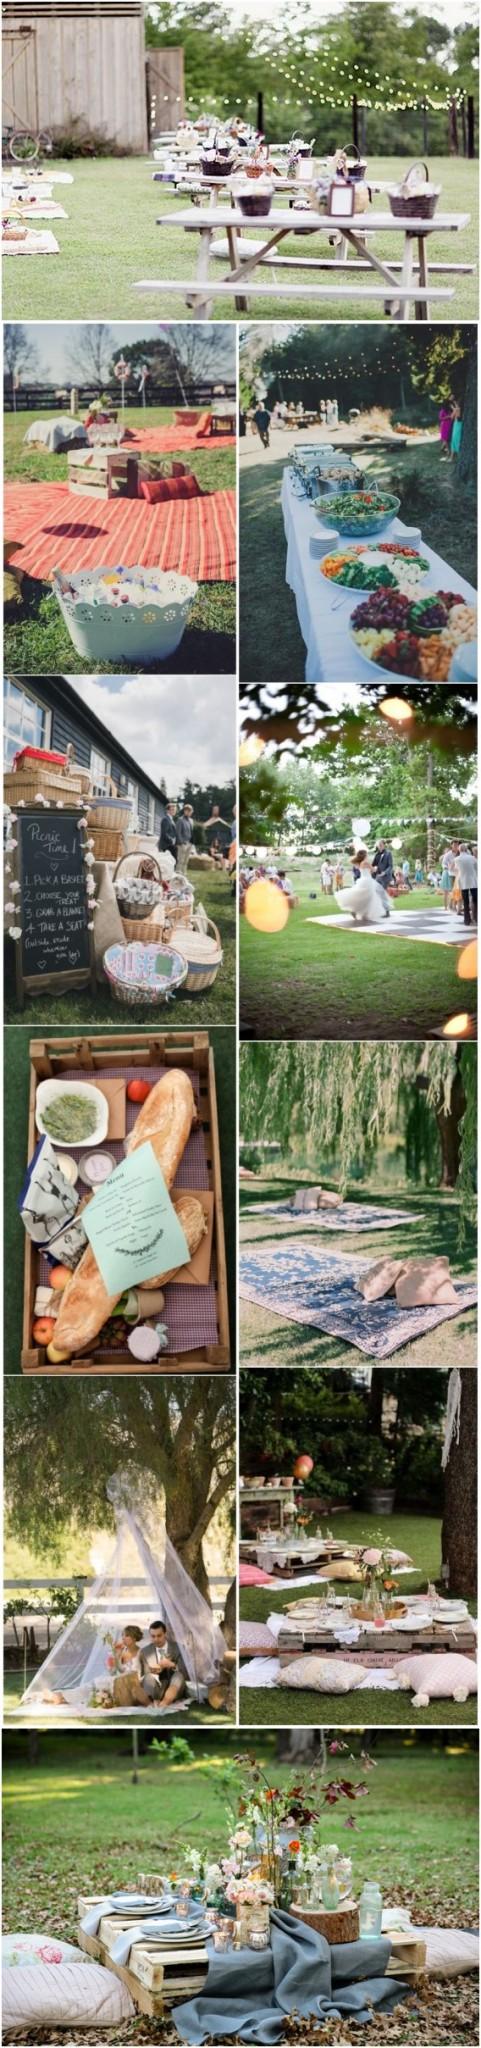 Budget Friendly Picnic Wedding Reception Ideas